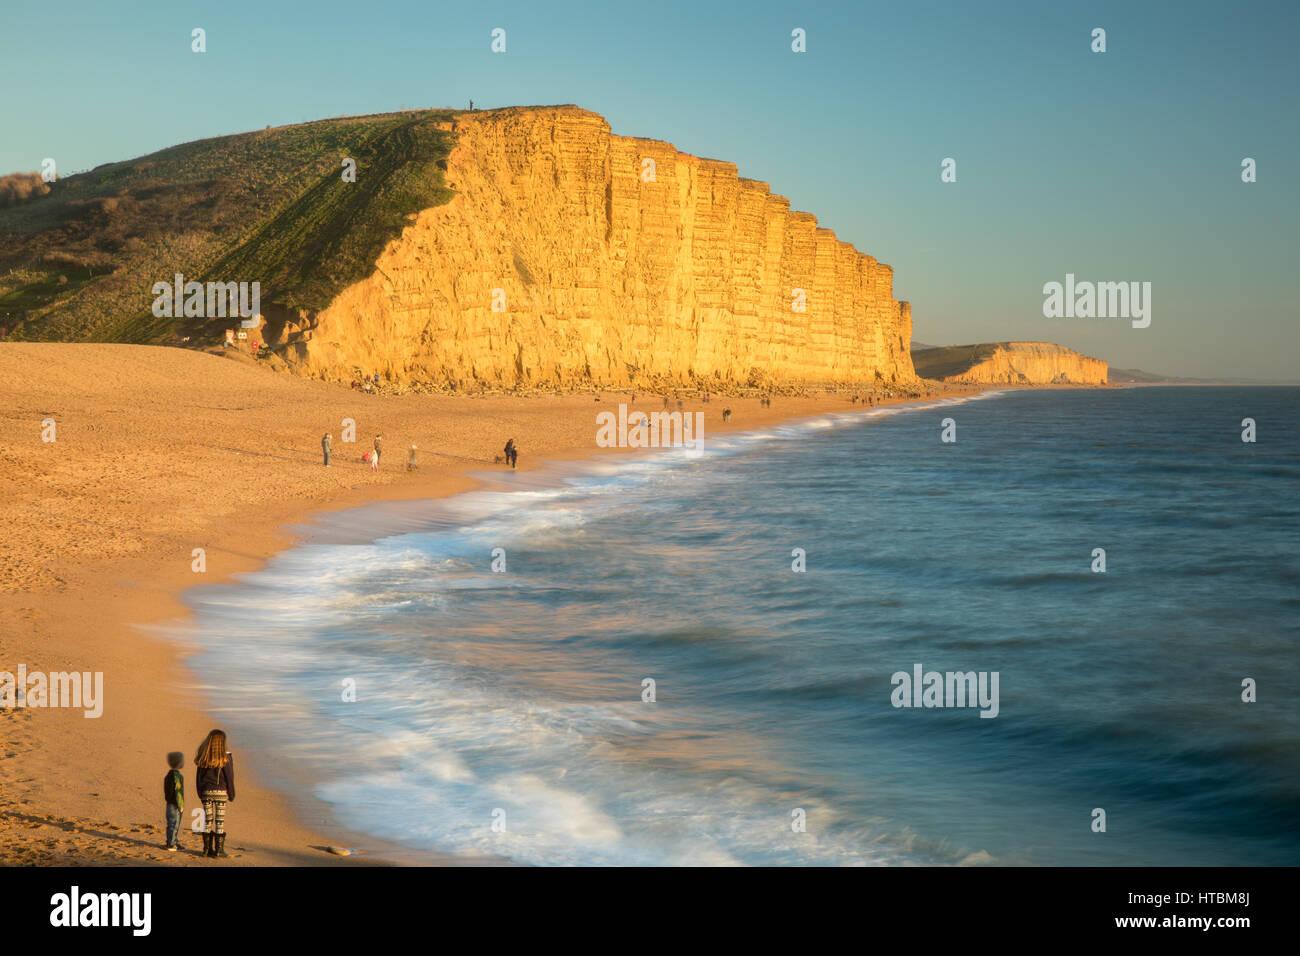 Frère et soeur à regarder les vagues sur la plage ci-dessous East Cliff, West Bay, sur la côte jurassique, Dorset, England, UK Banque D'Images